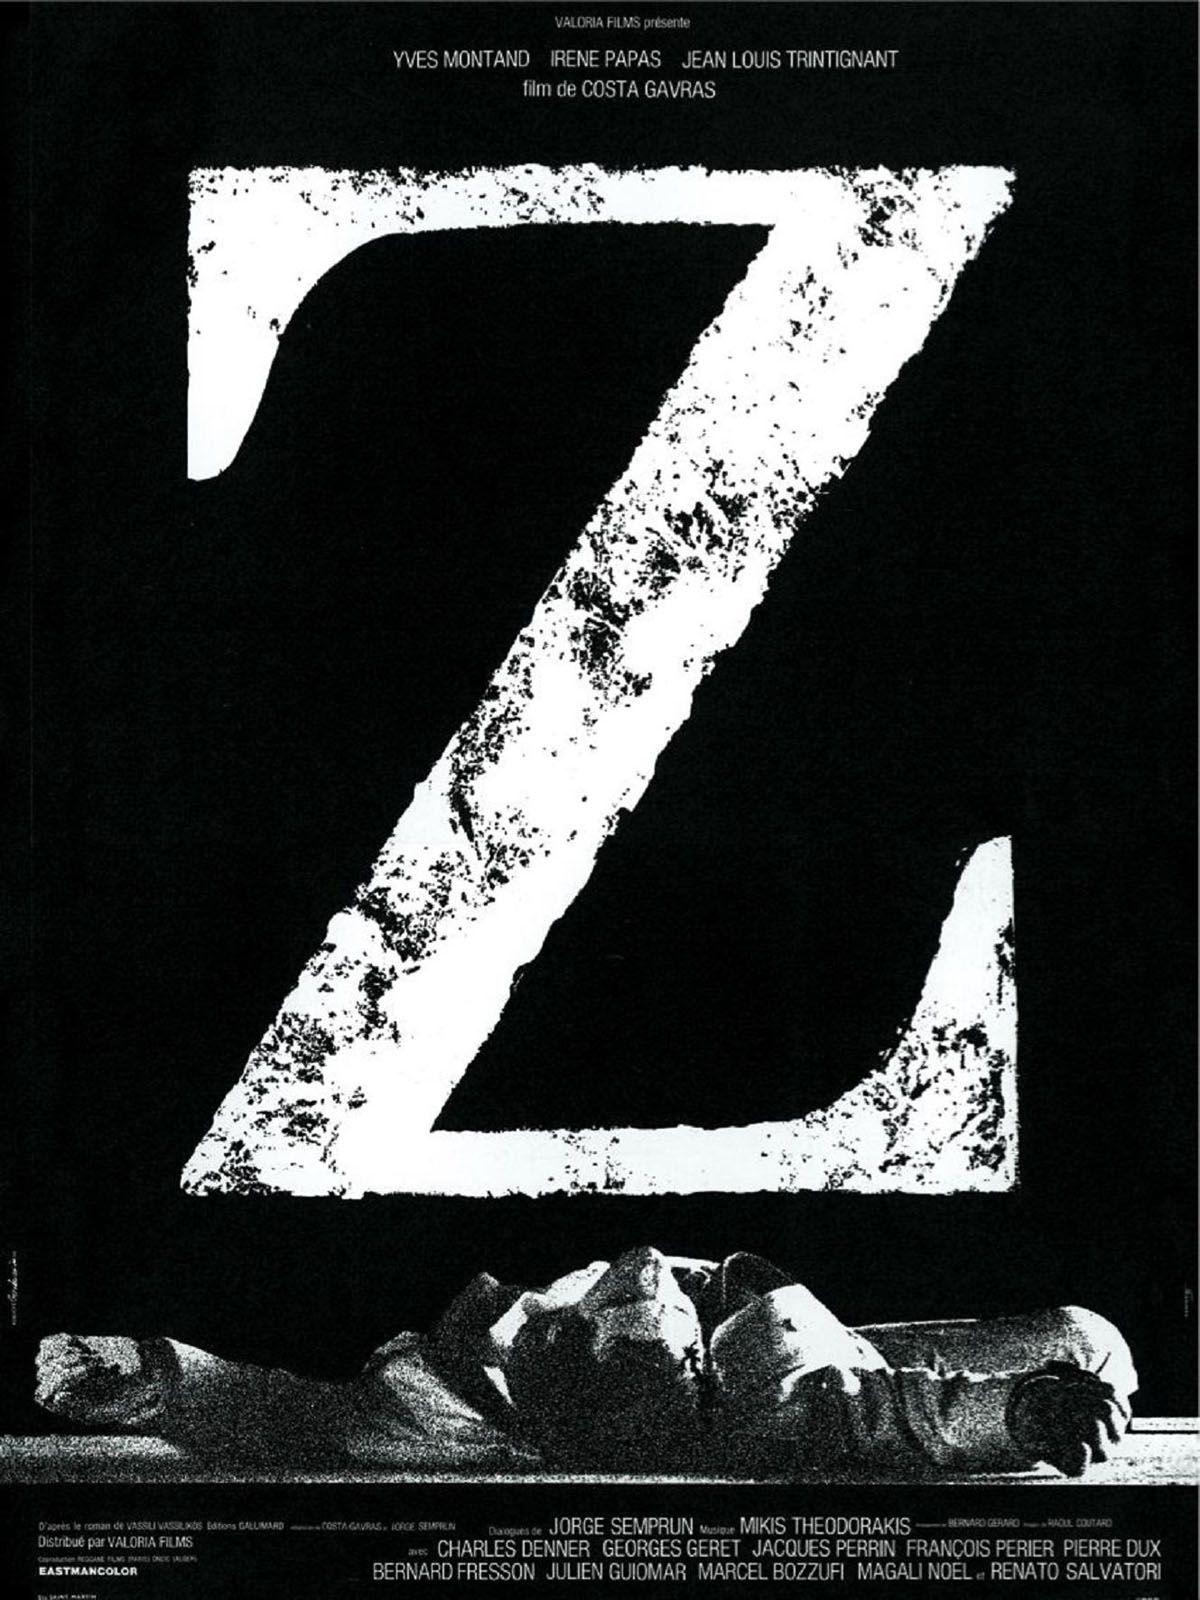 Z est un film de Costa-Gavras avec Yves Montand, Jean-Louis Trintignant. Synopsis : Un député progressiste est assassiné dans un pays méditerranéen. Le juge d'instruction s'occupant de l'enquête met en évidence, dans ce crime, la p